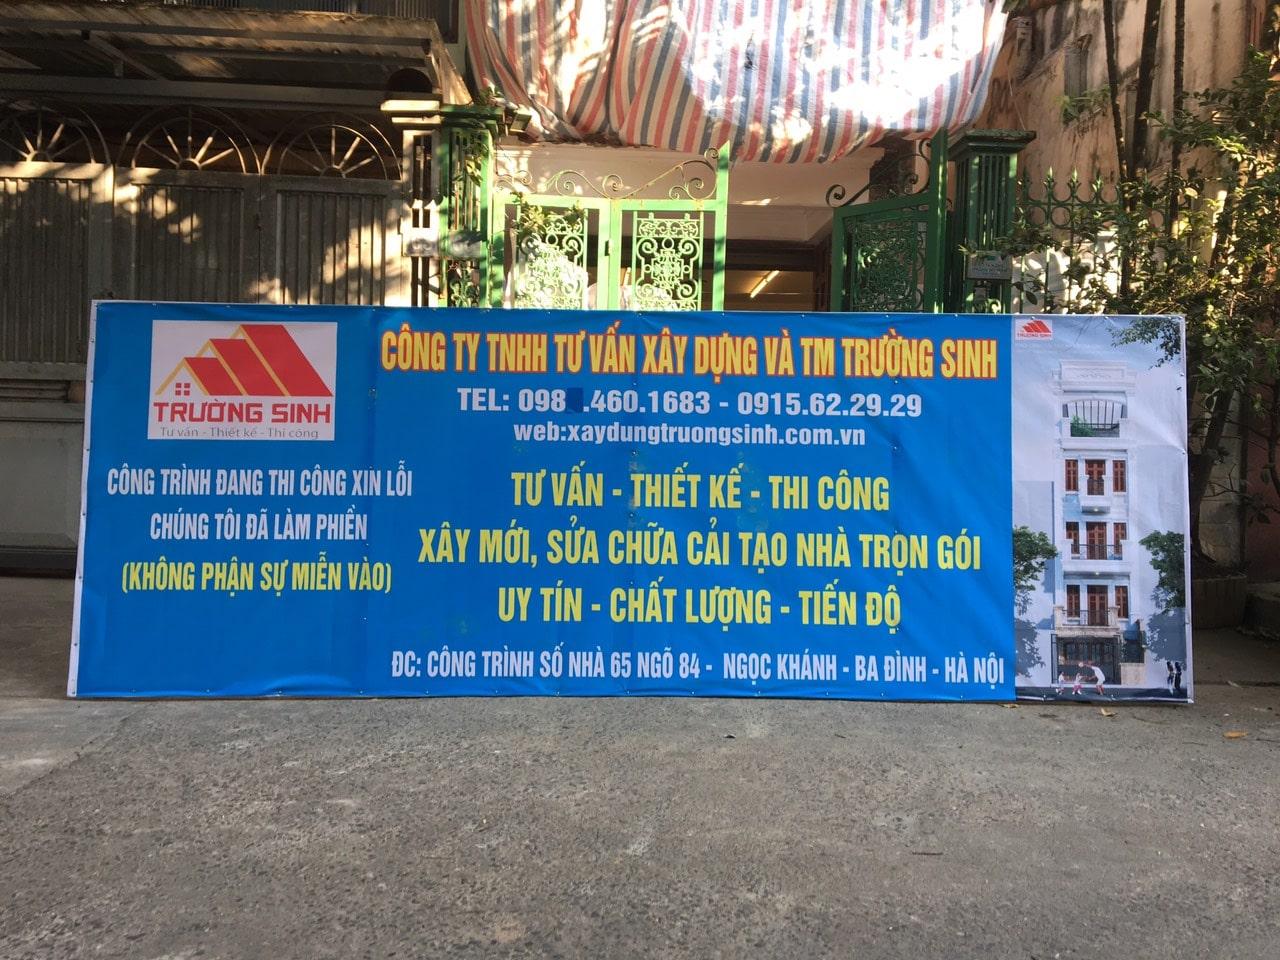 Báo giá sửa chữa nhà trọn gói tại Hà Nội 2020-Kinh nghiệm sửa nhà